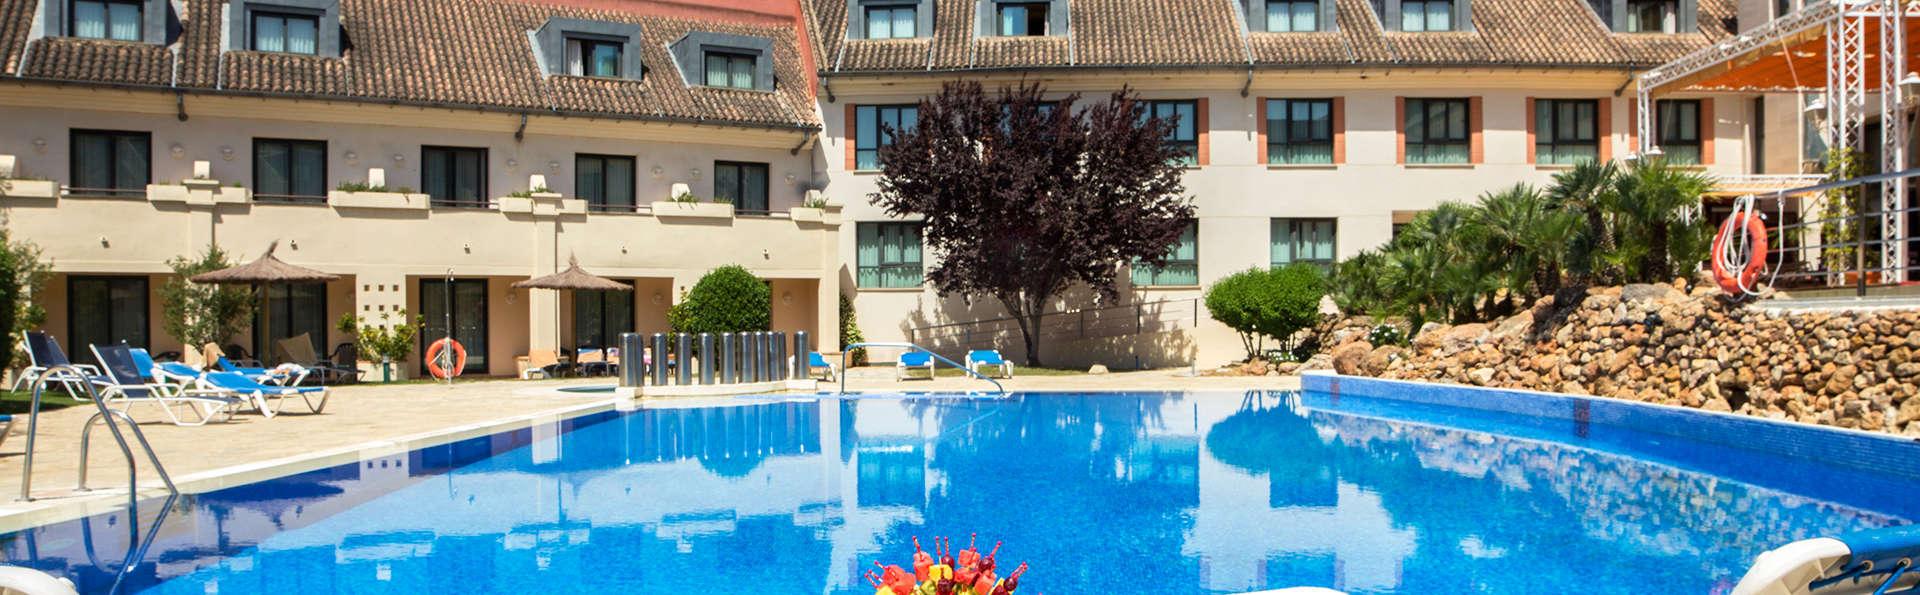 Disfruta de la gastronomía andaluza en pensión completa y acceso al spa en Antequera